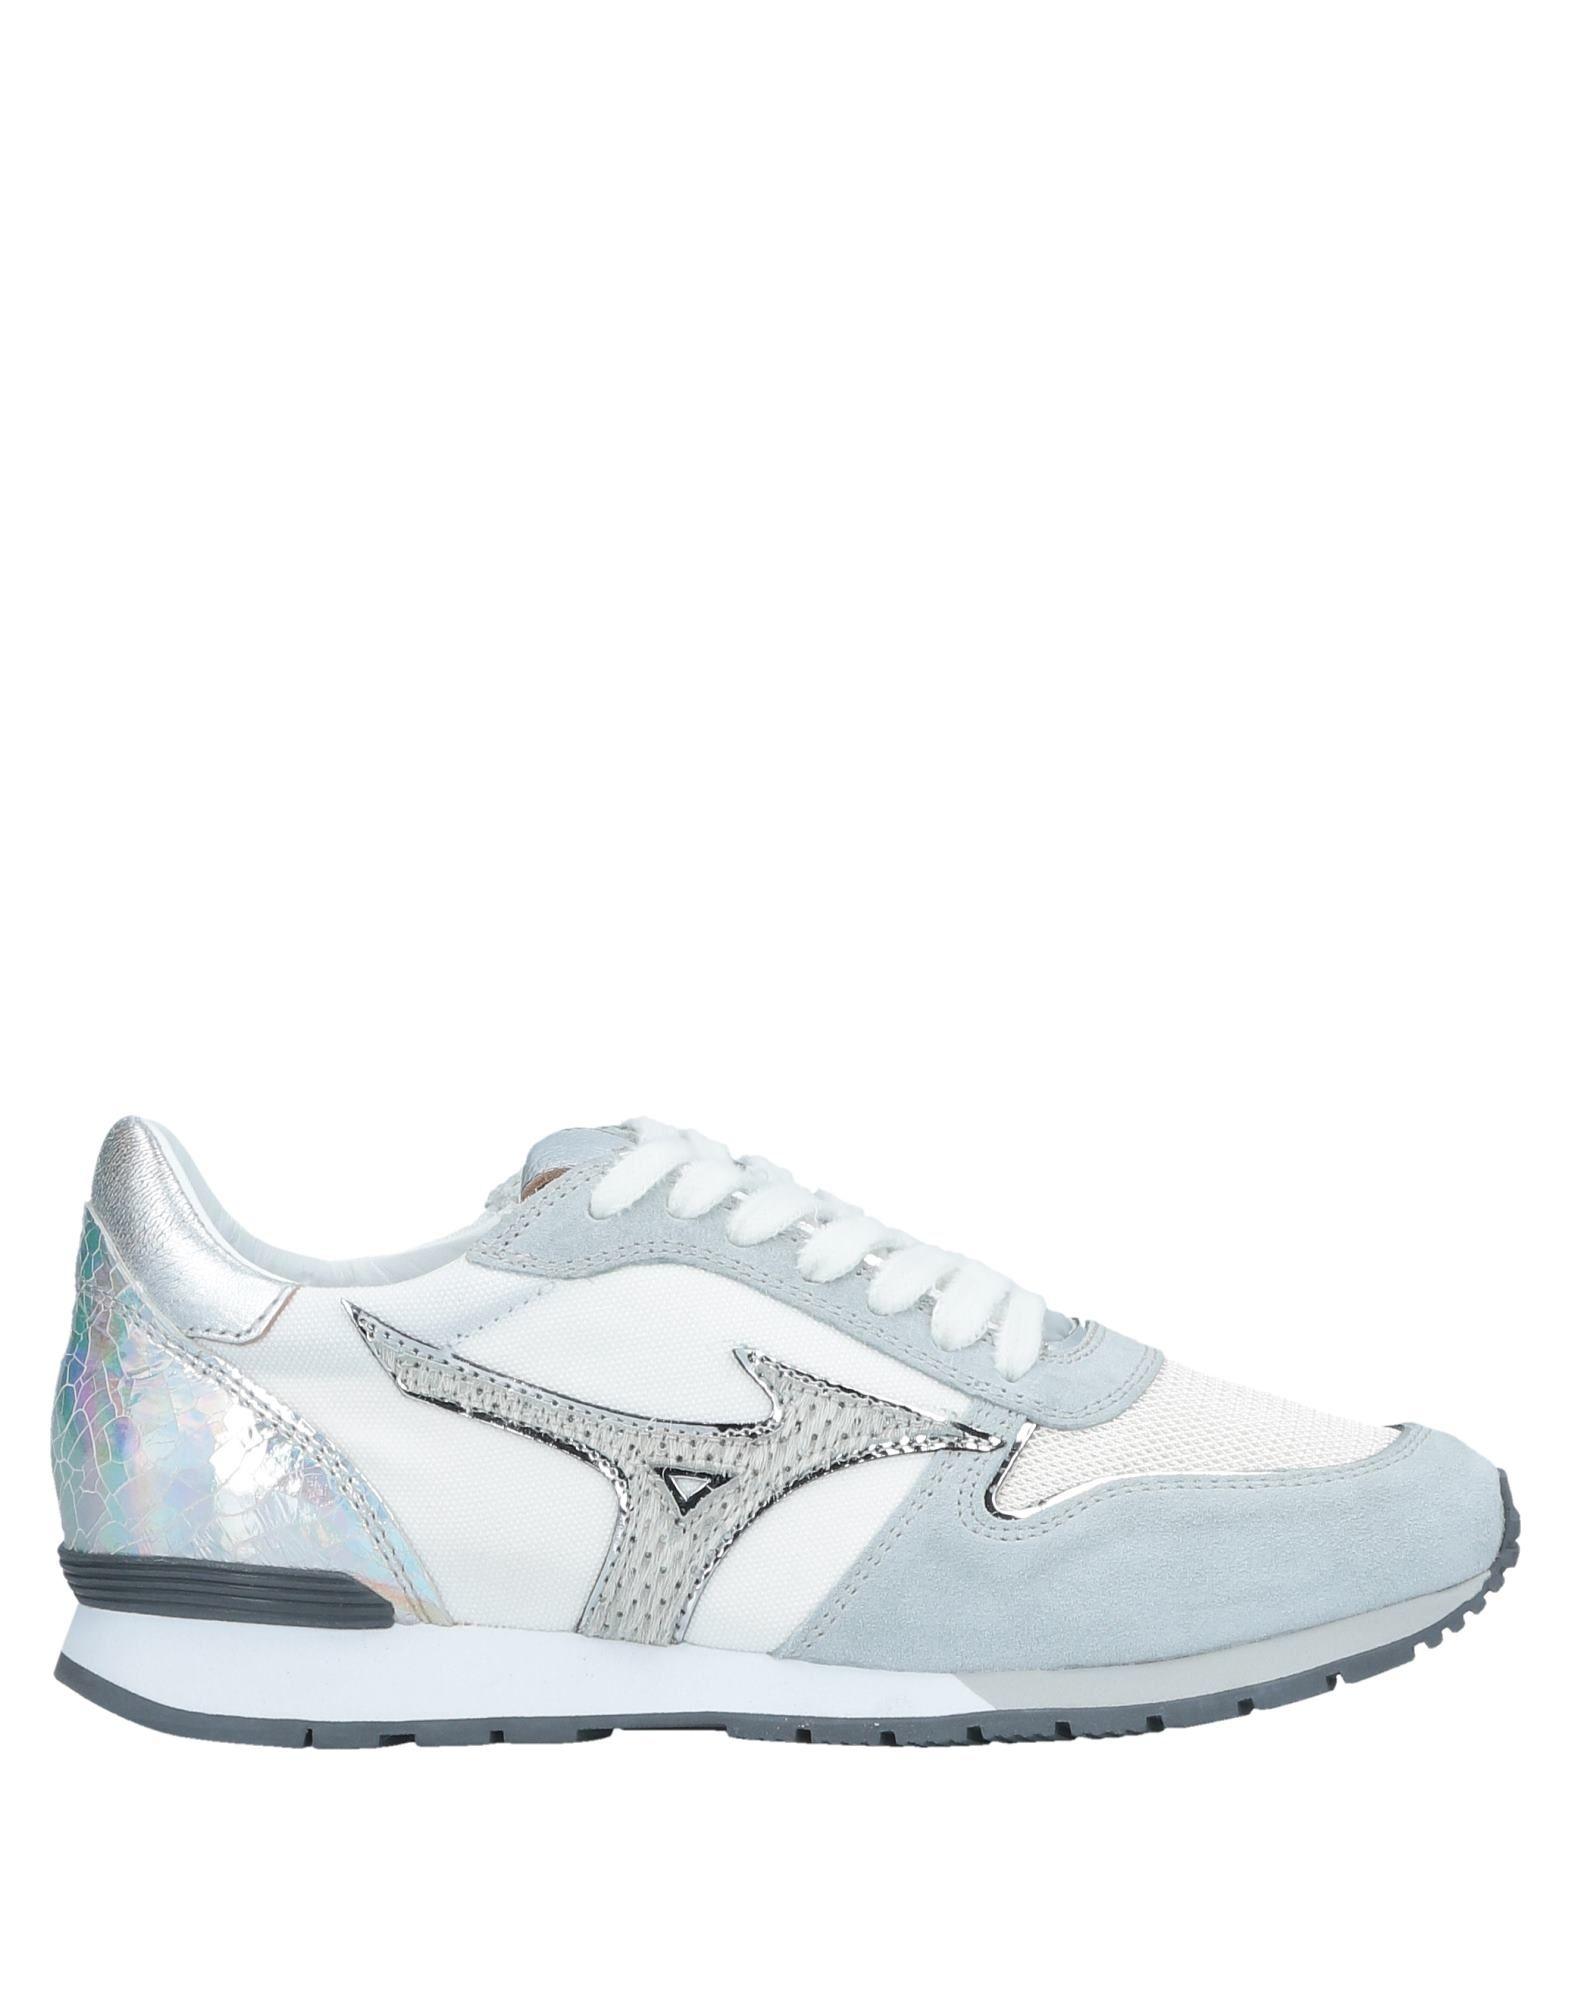 Los últimos zapatos de descuento para hombres y mujeres Mizuno Zapatillas Mizuno Mujer - Zapatillas Mizuno mujeres  Gris perla 0d5a29